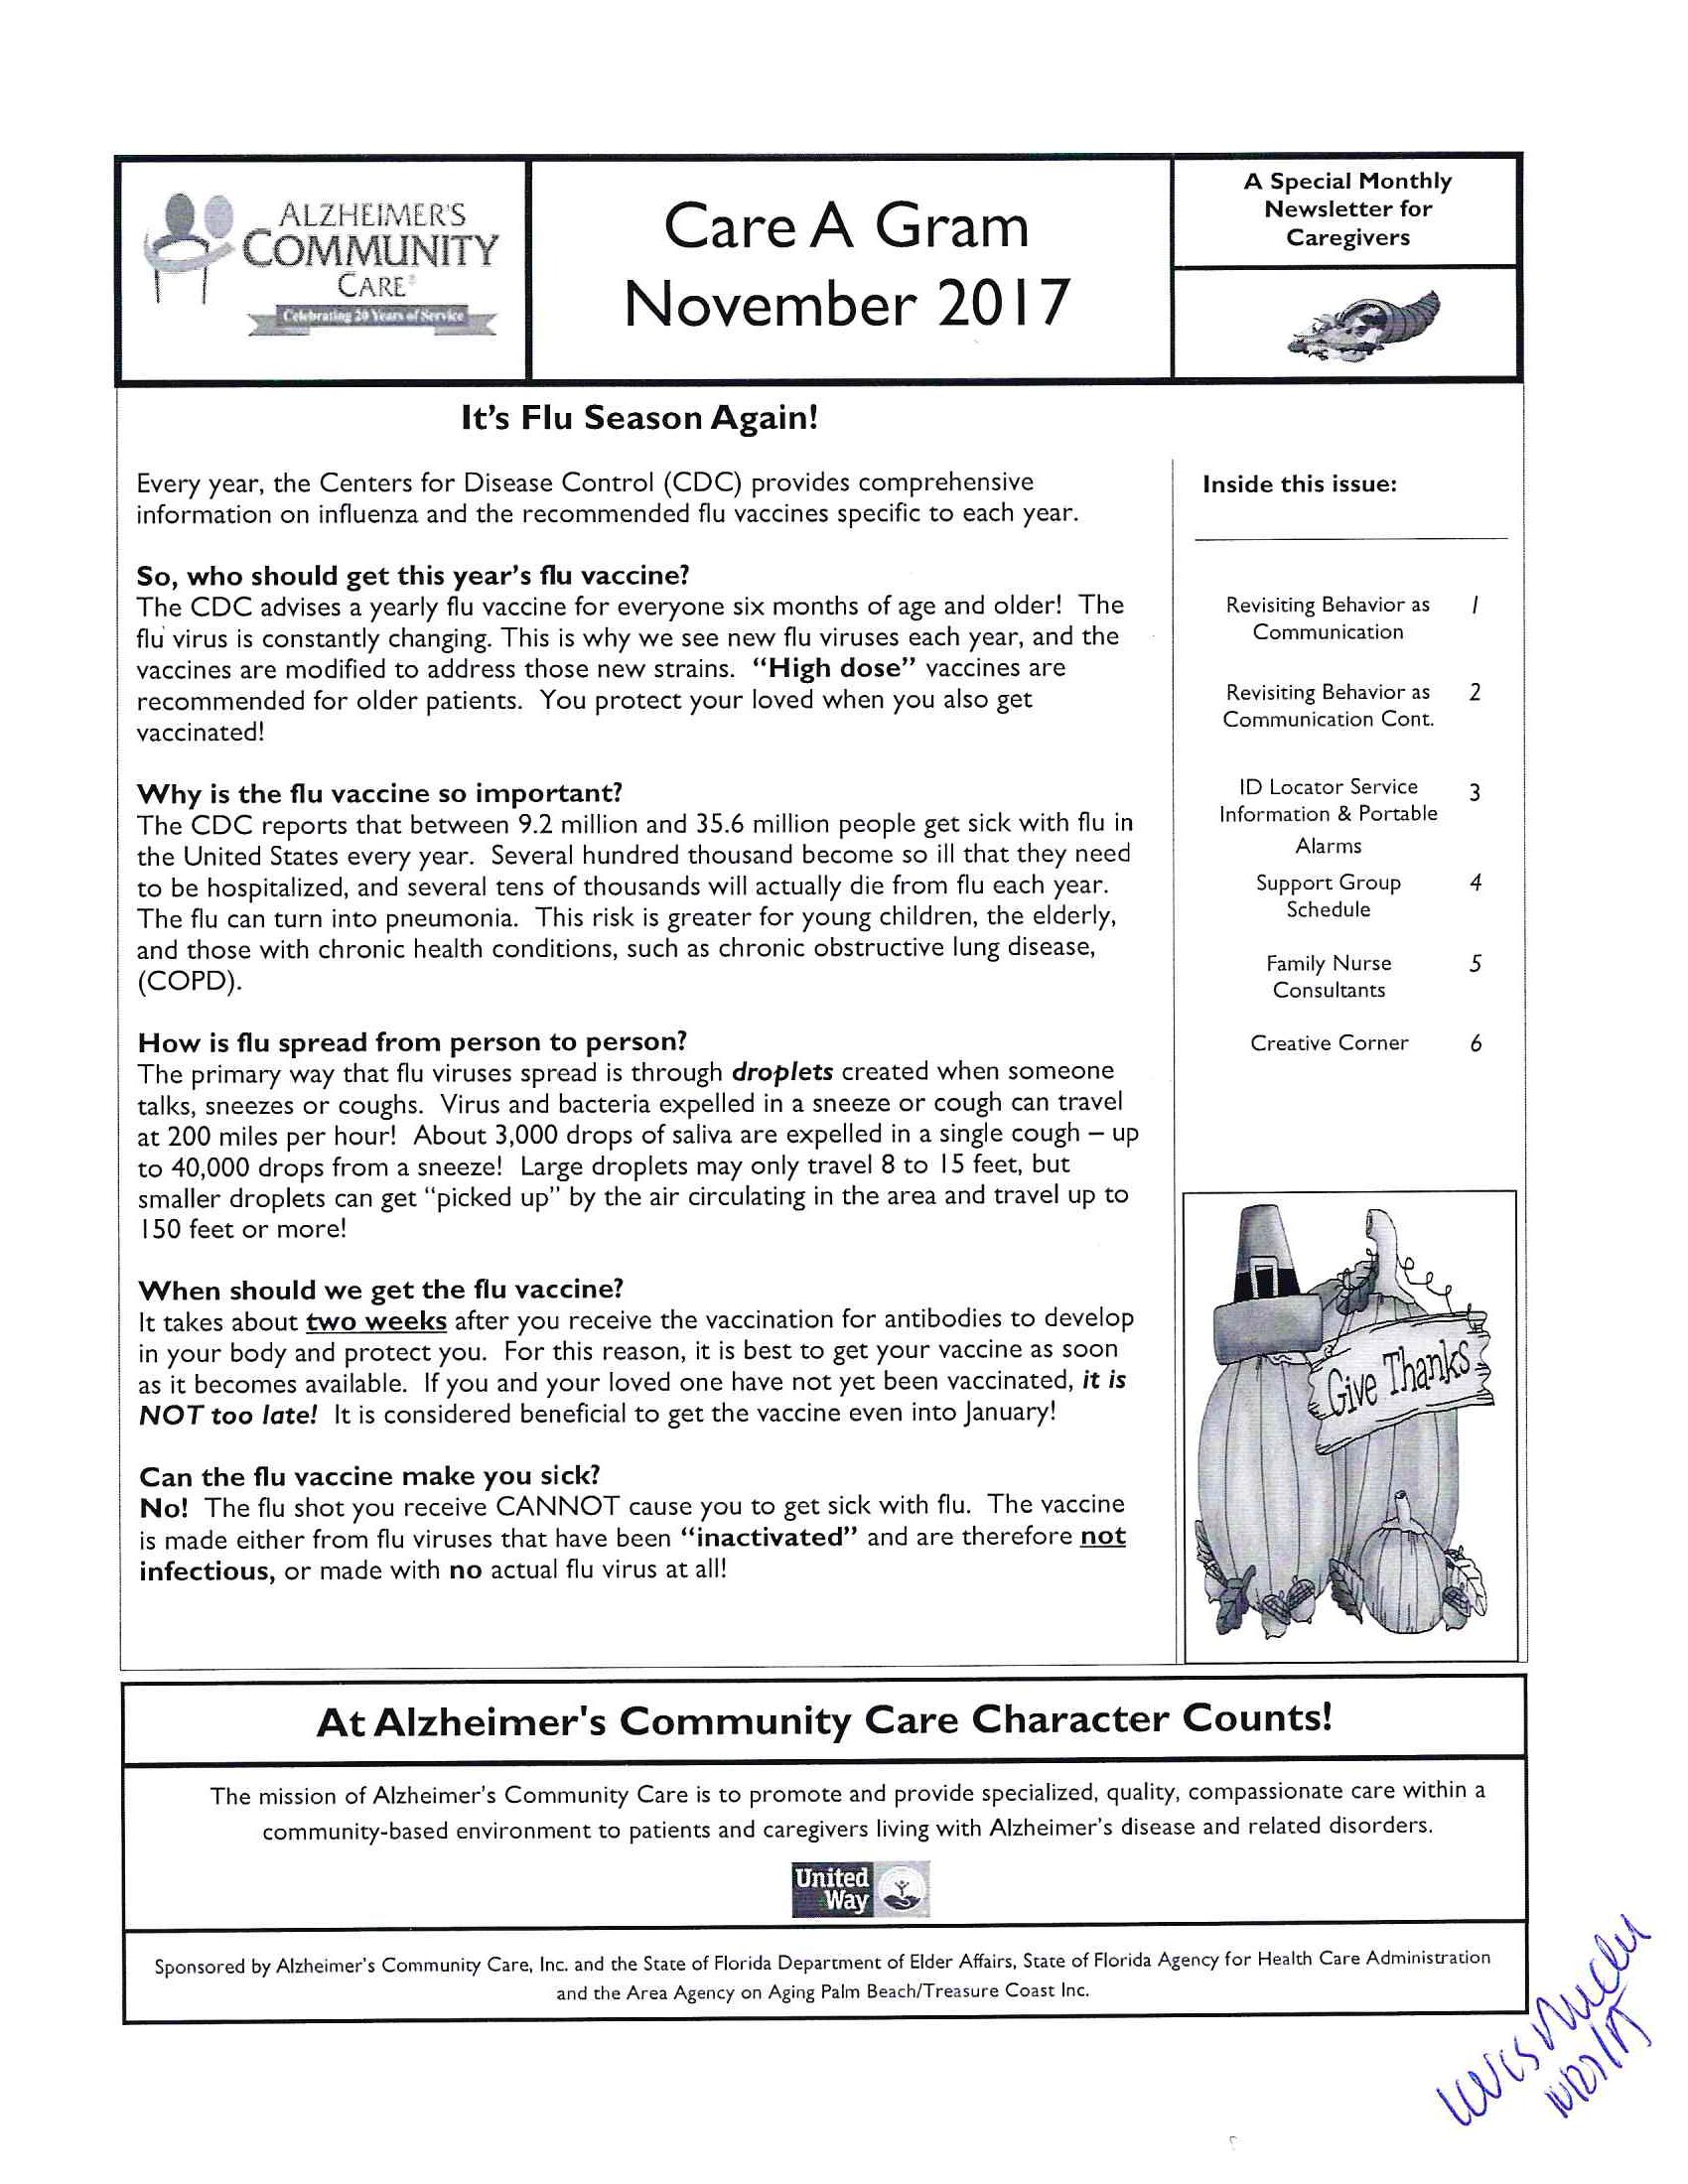 November 2017 Care A Gram